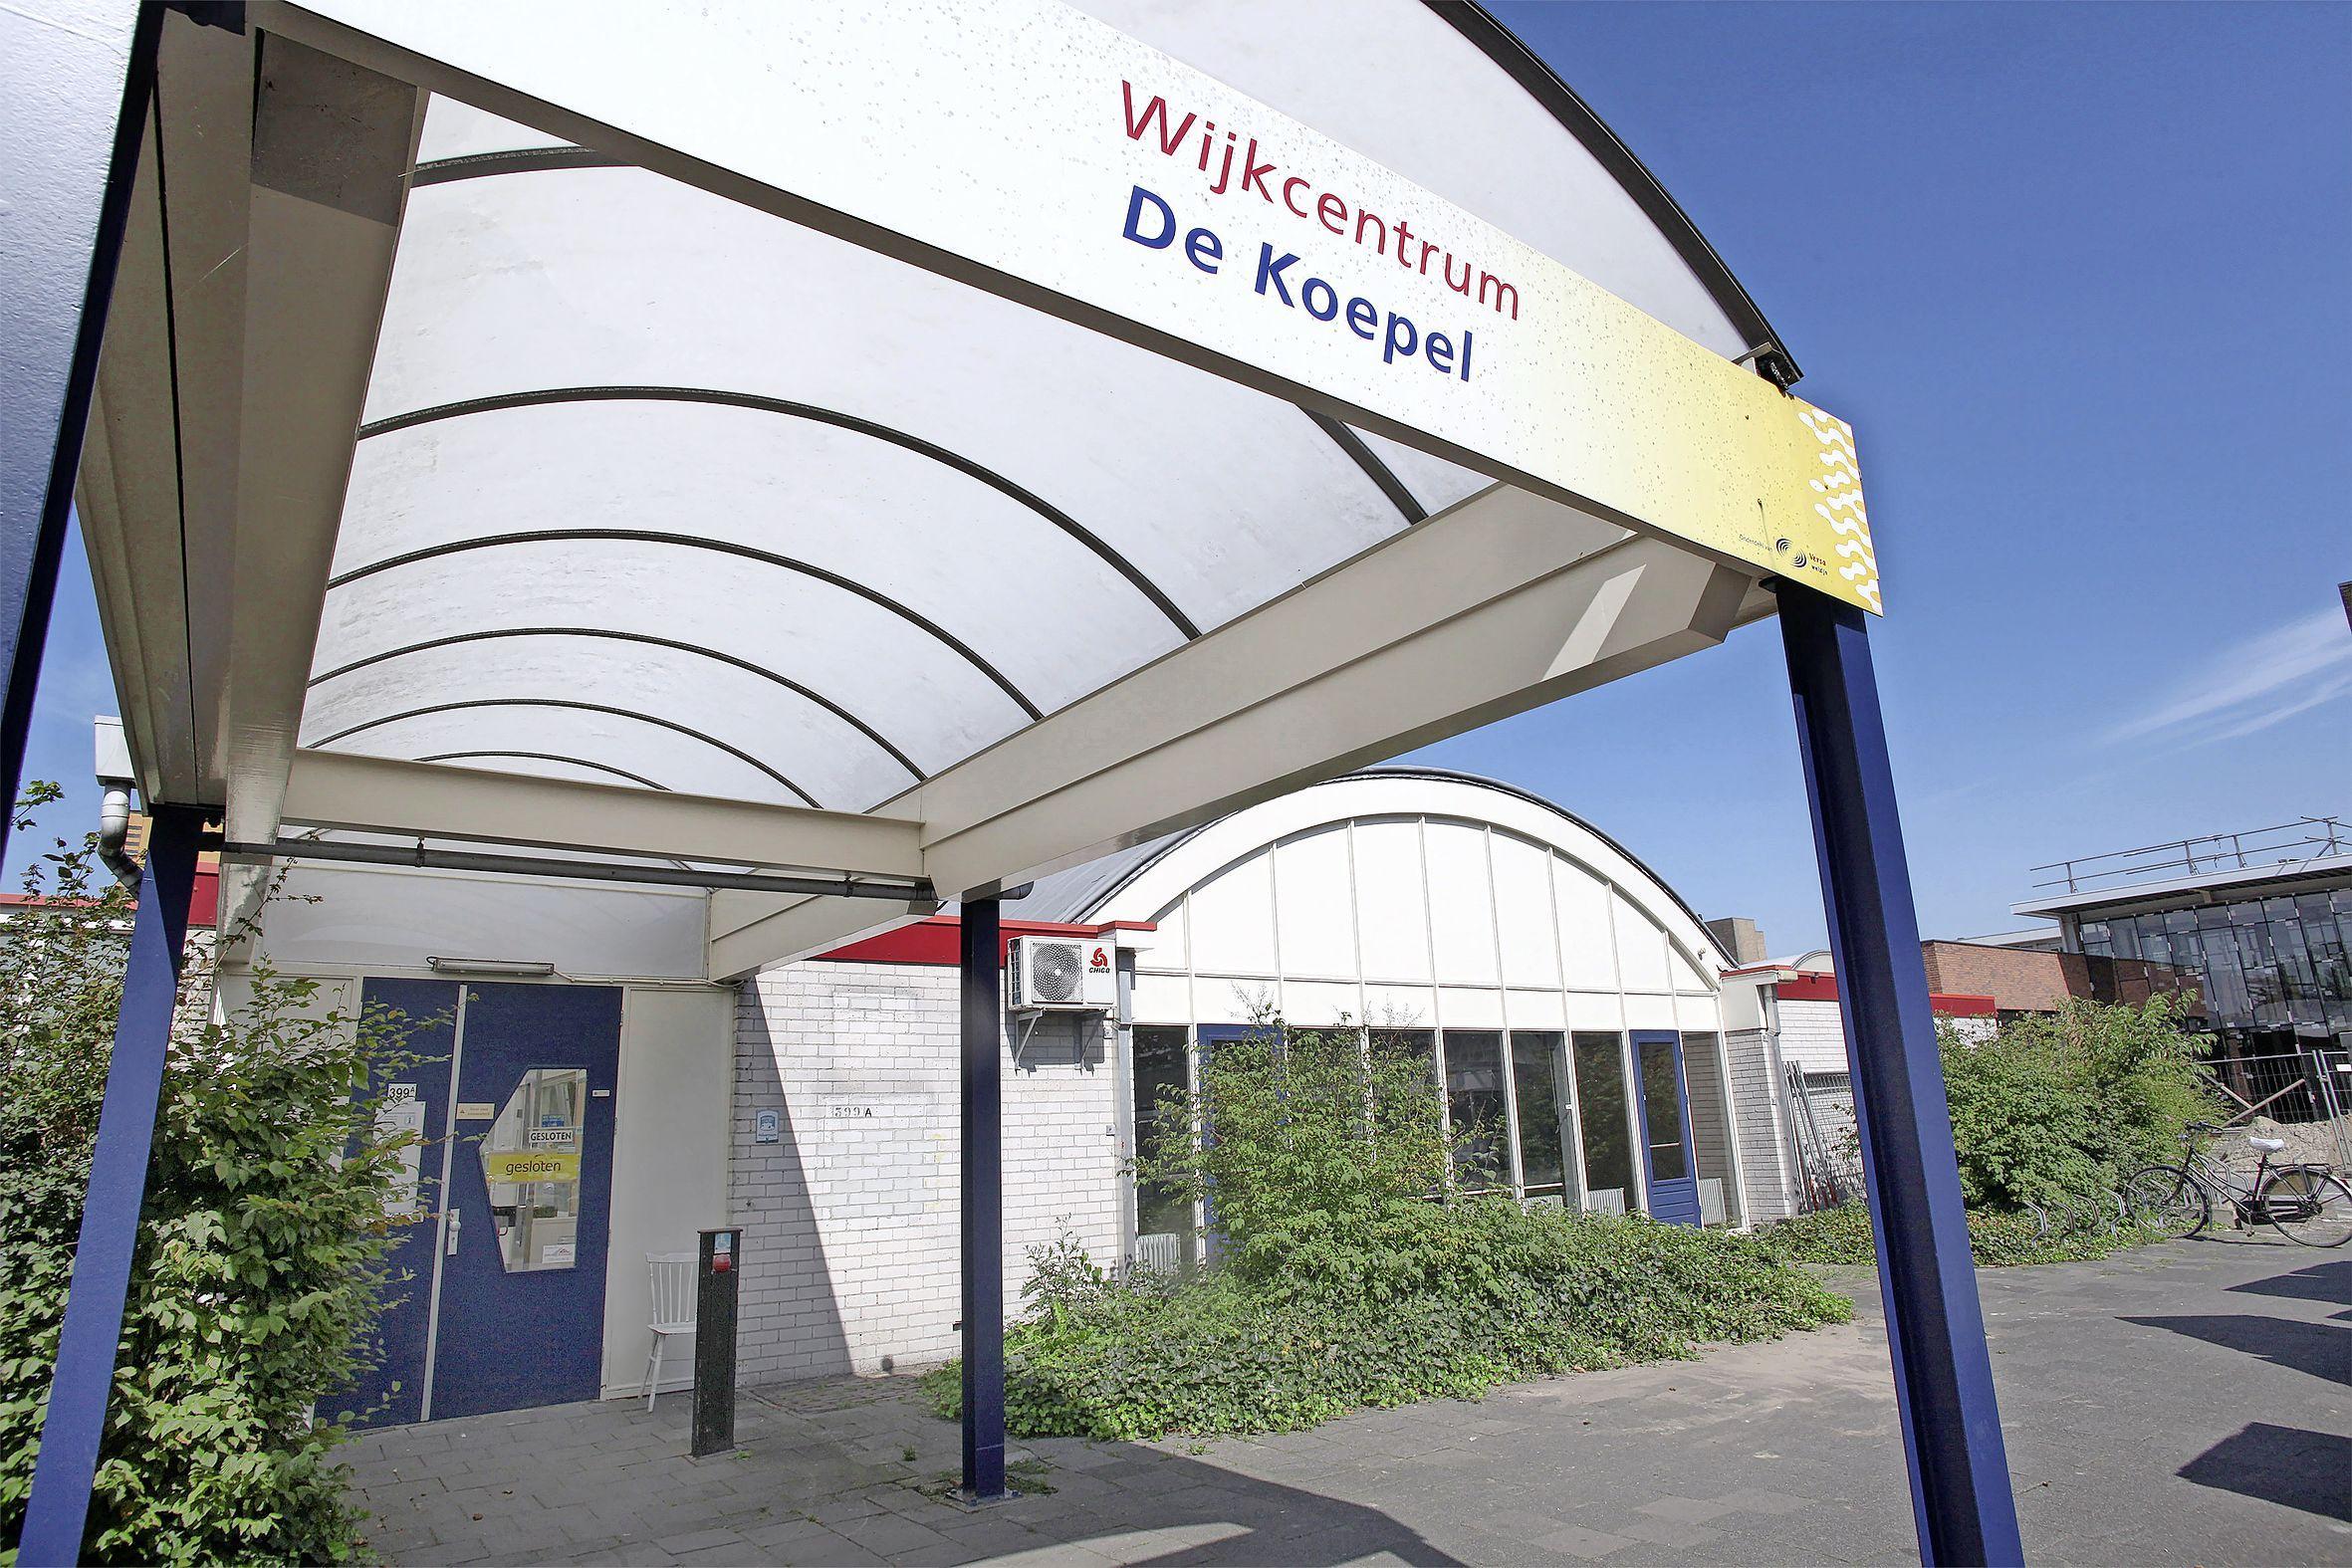 De uit buurtcentrum De Koepel in Hilversum 'verdreven' bridgers mogen toch blijven. 'We zijn heel blij en opgelucht'